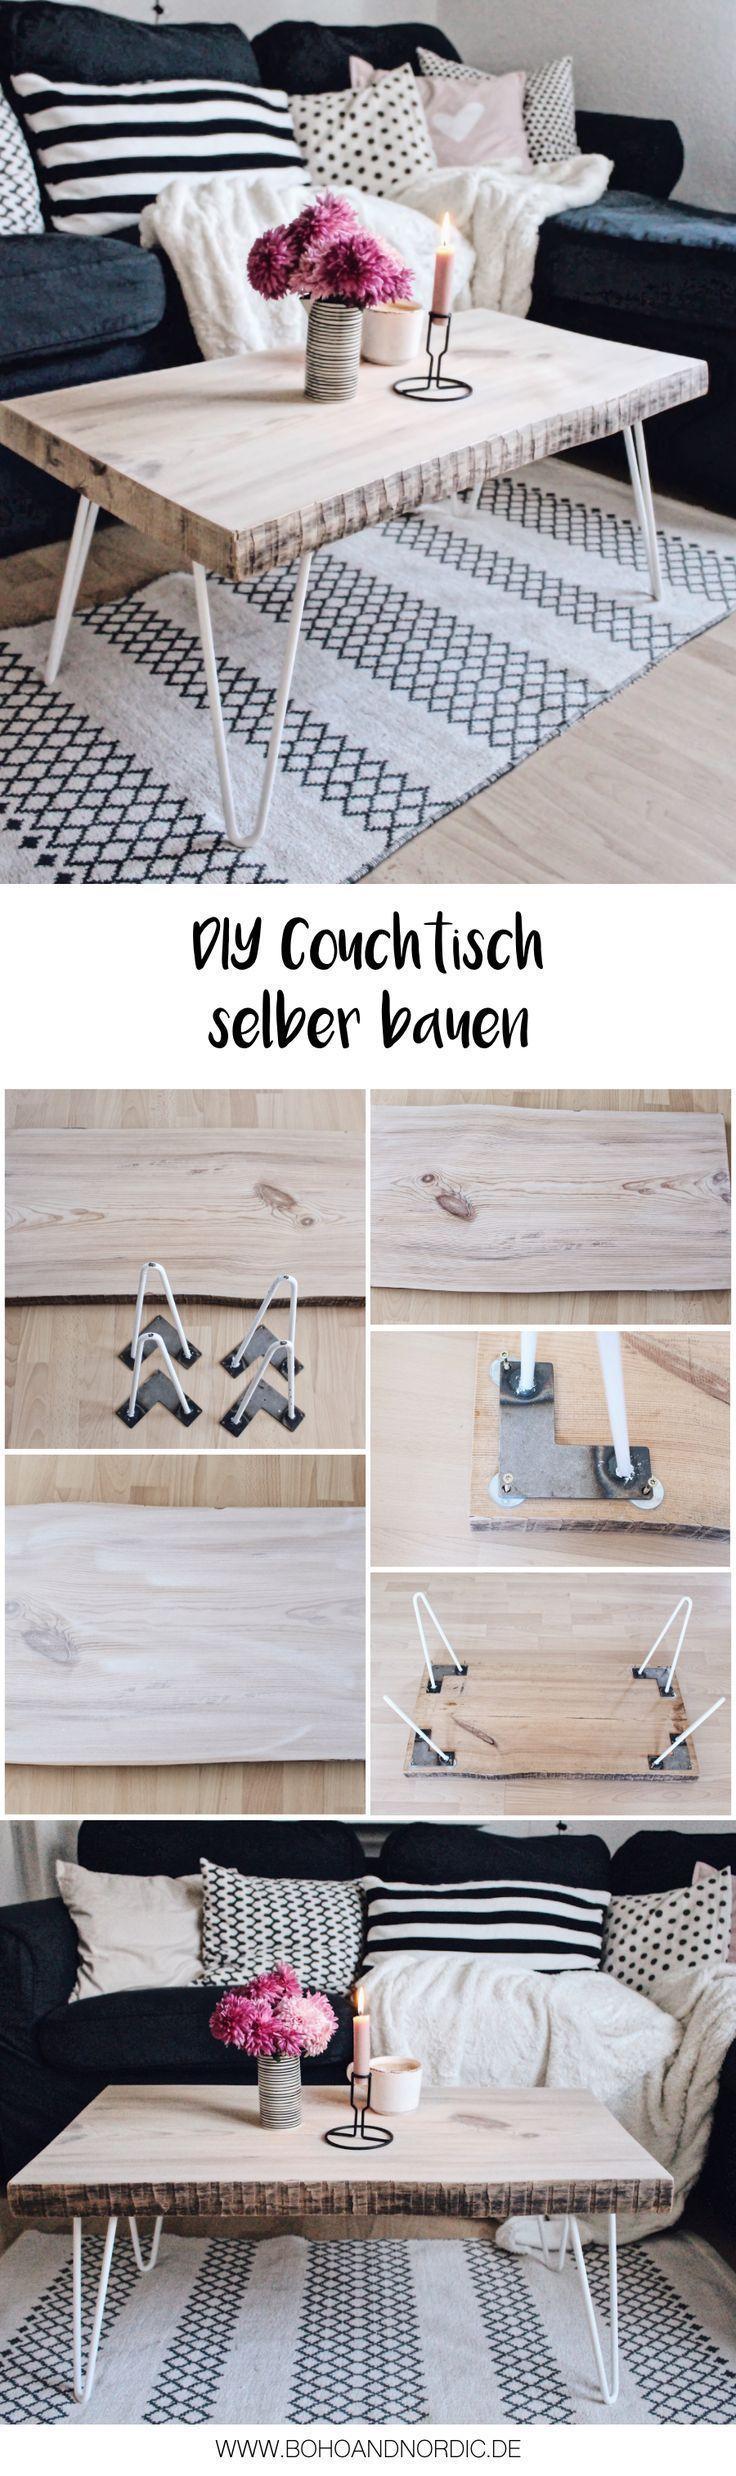 Ziemlich Couchtisch Buch Vorlagen Fotos - Beispiel Wiederaufnahme ...